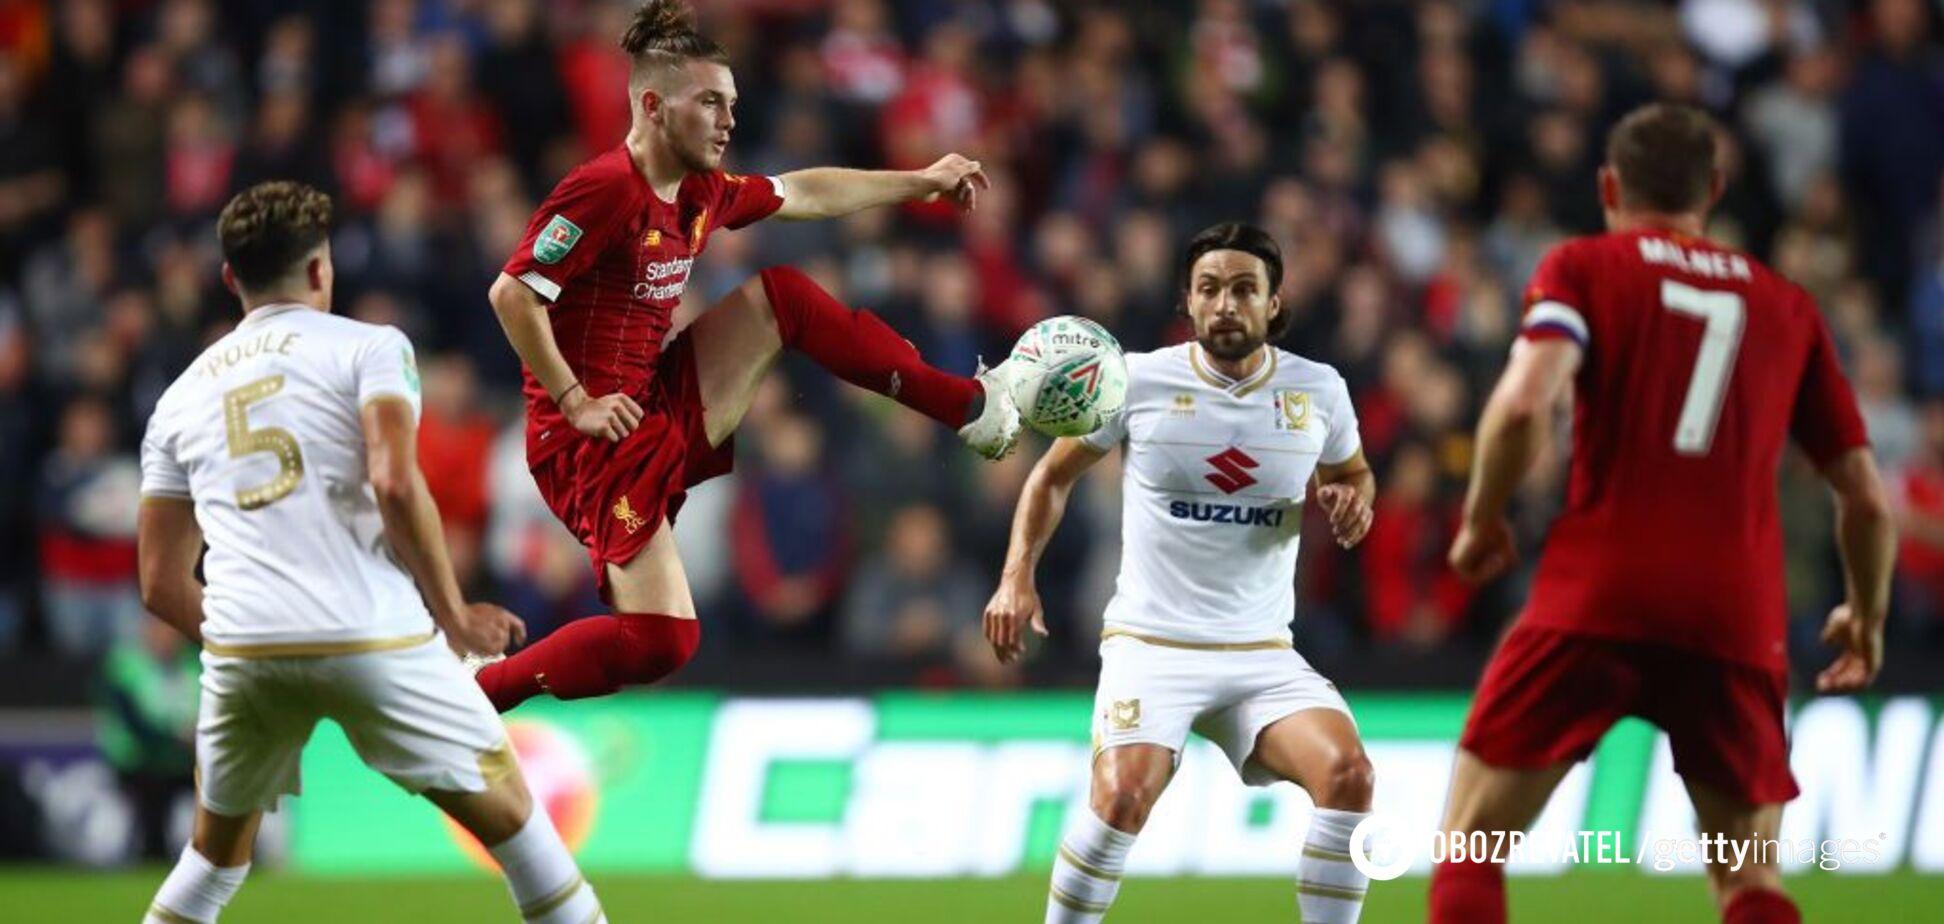 Футболист 'Ливерпуля' забил бомбический гол бисиклетой